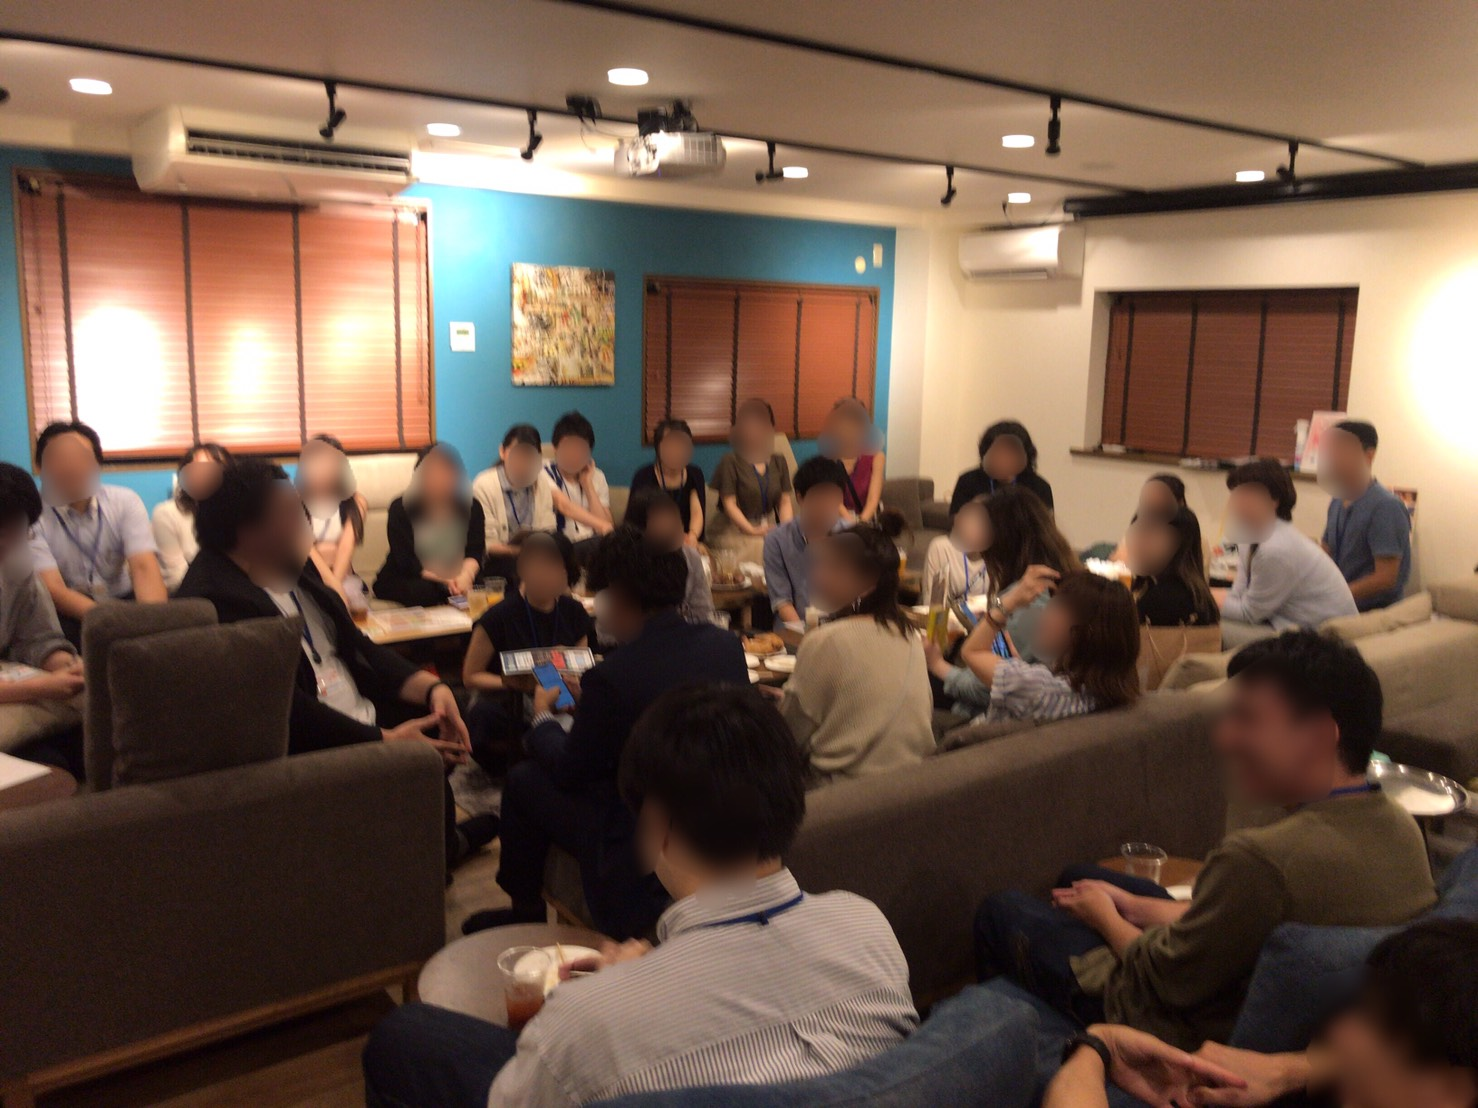 渋谷で異業種交流会!【イベント主催】|TIME SHARING|タイムシェアリング |スペースマネジメント|あどばる|adval|SHARING